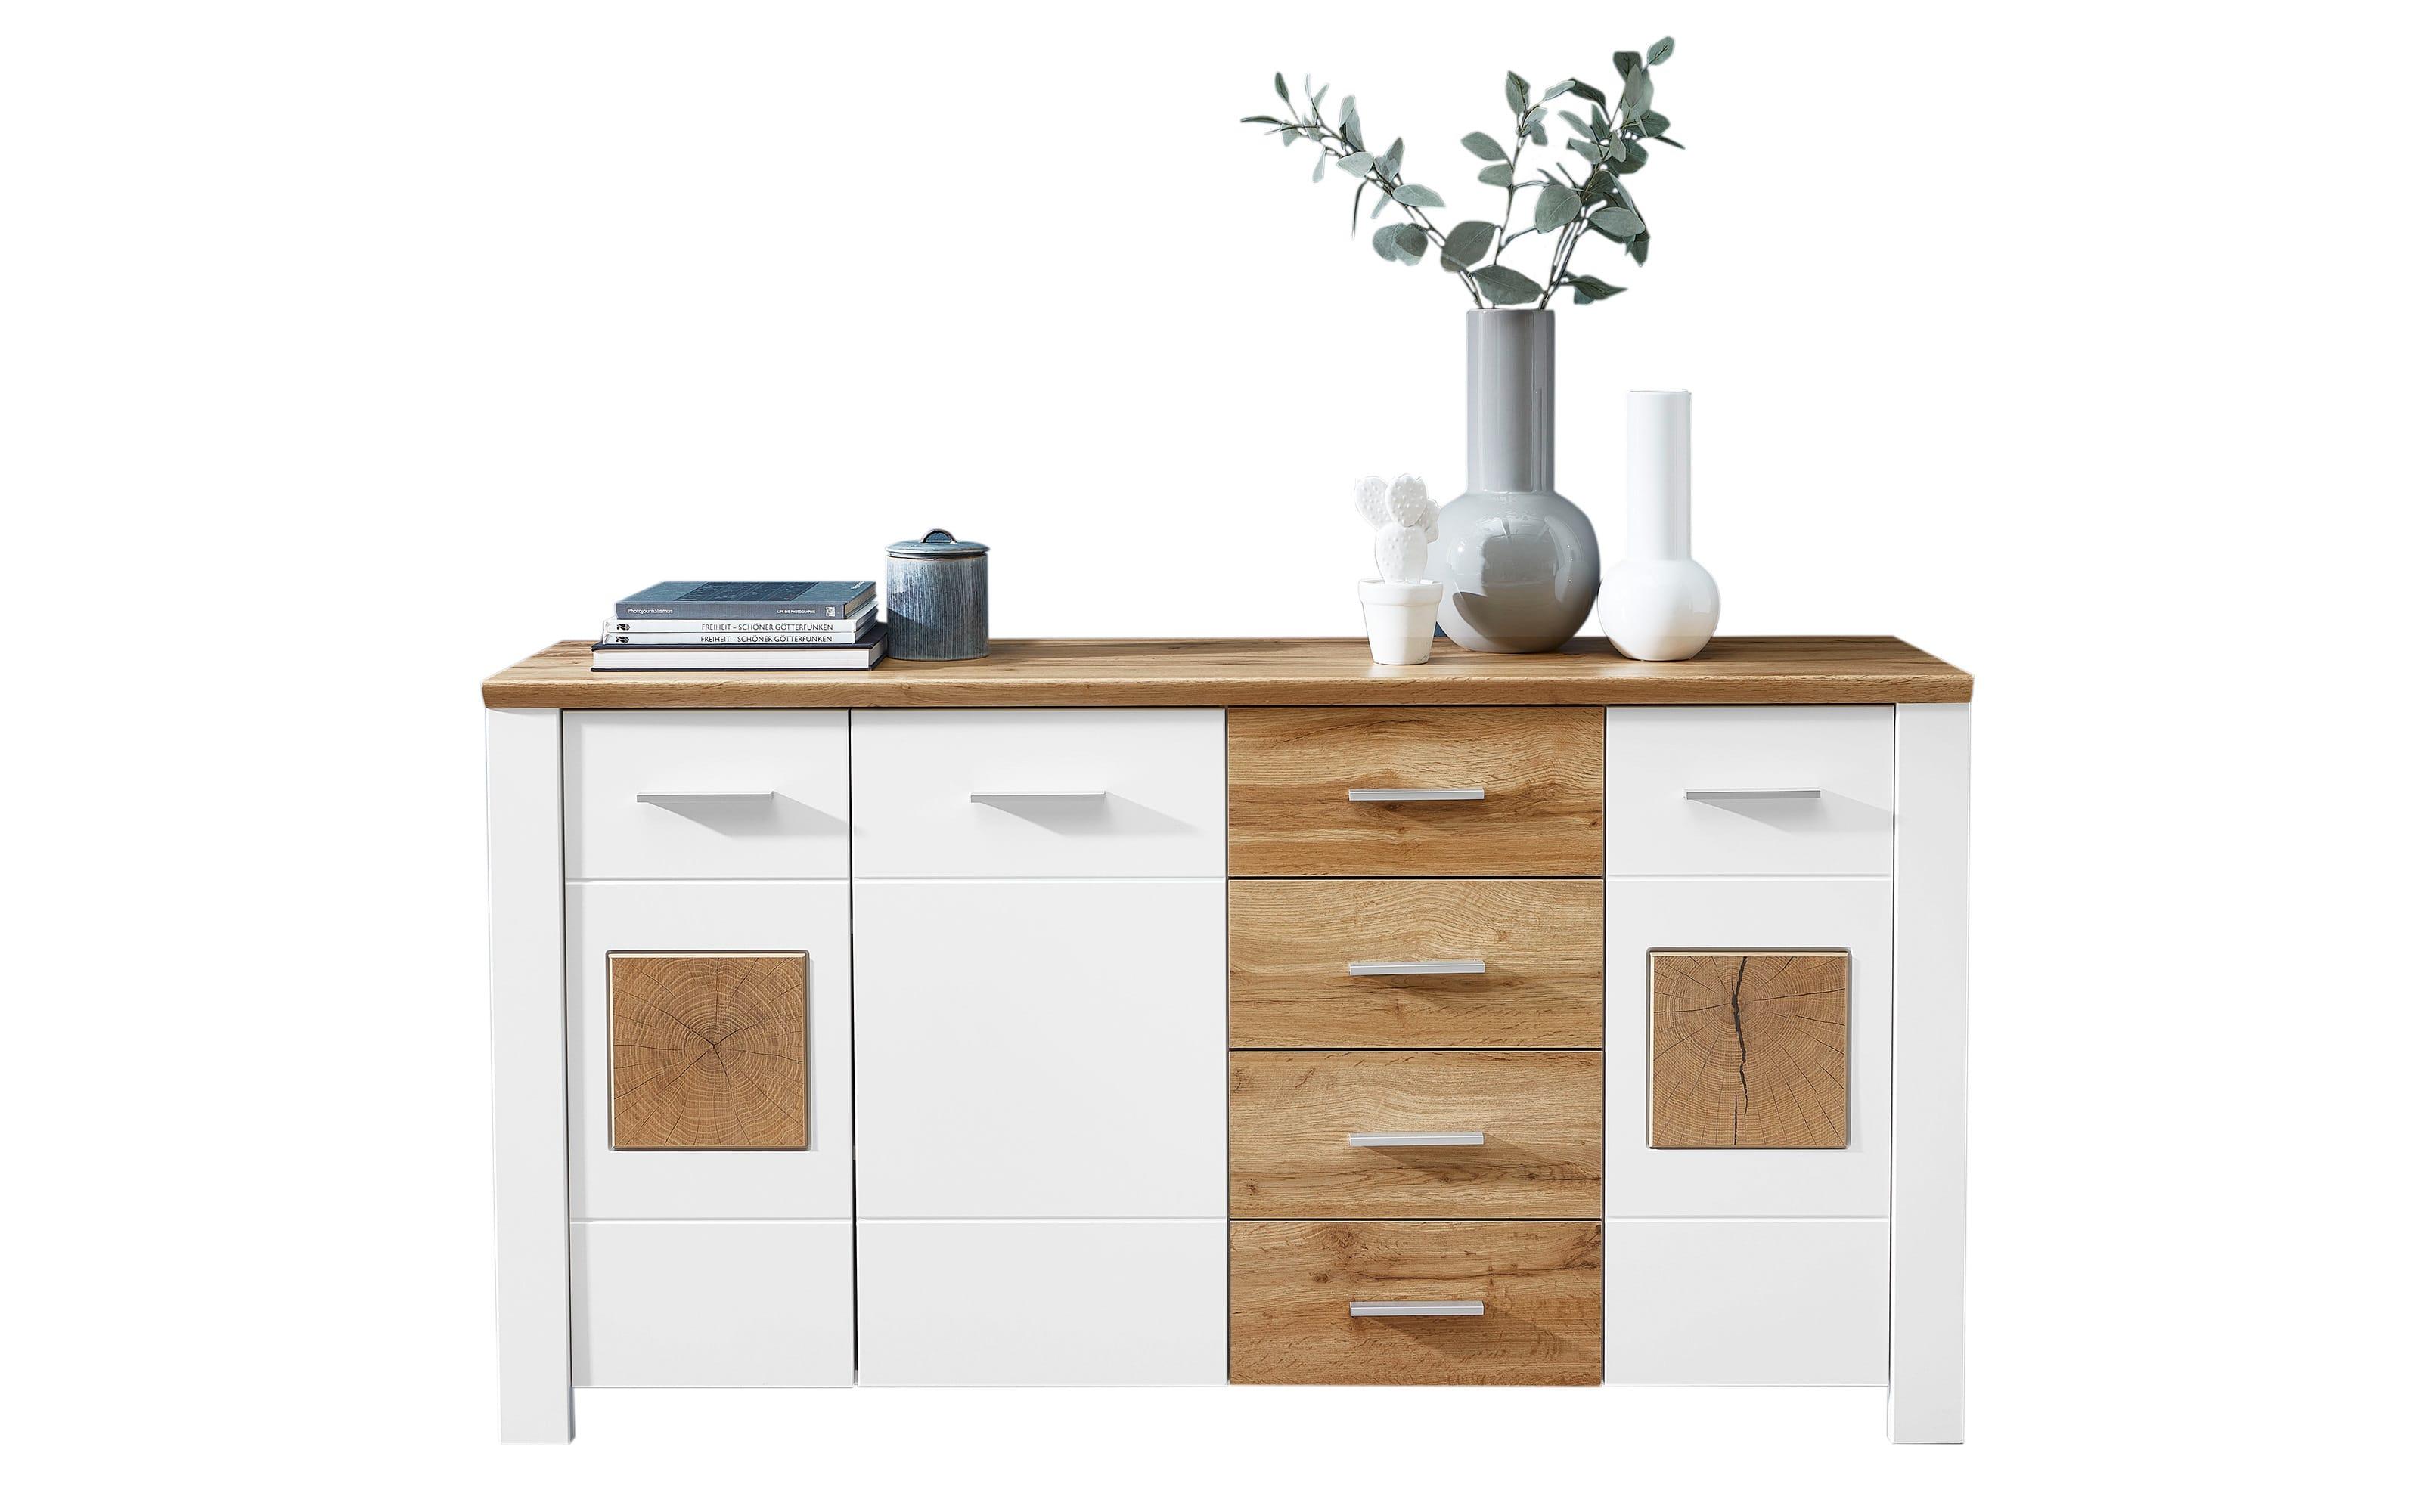 Kommode 6011 in Holz Nachbildung/weiß, 164 cm